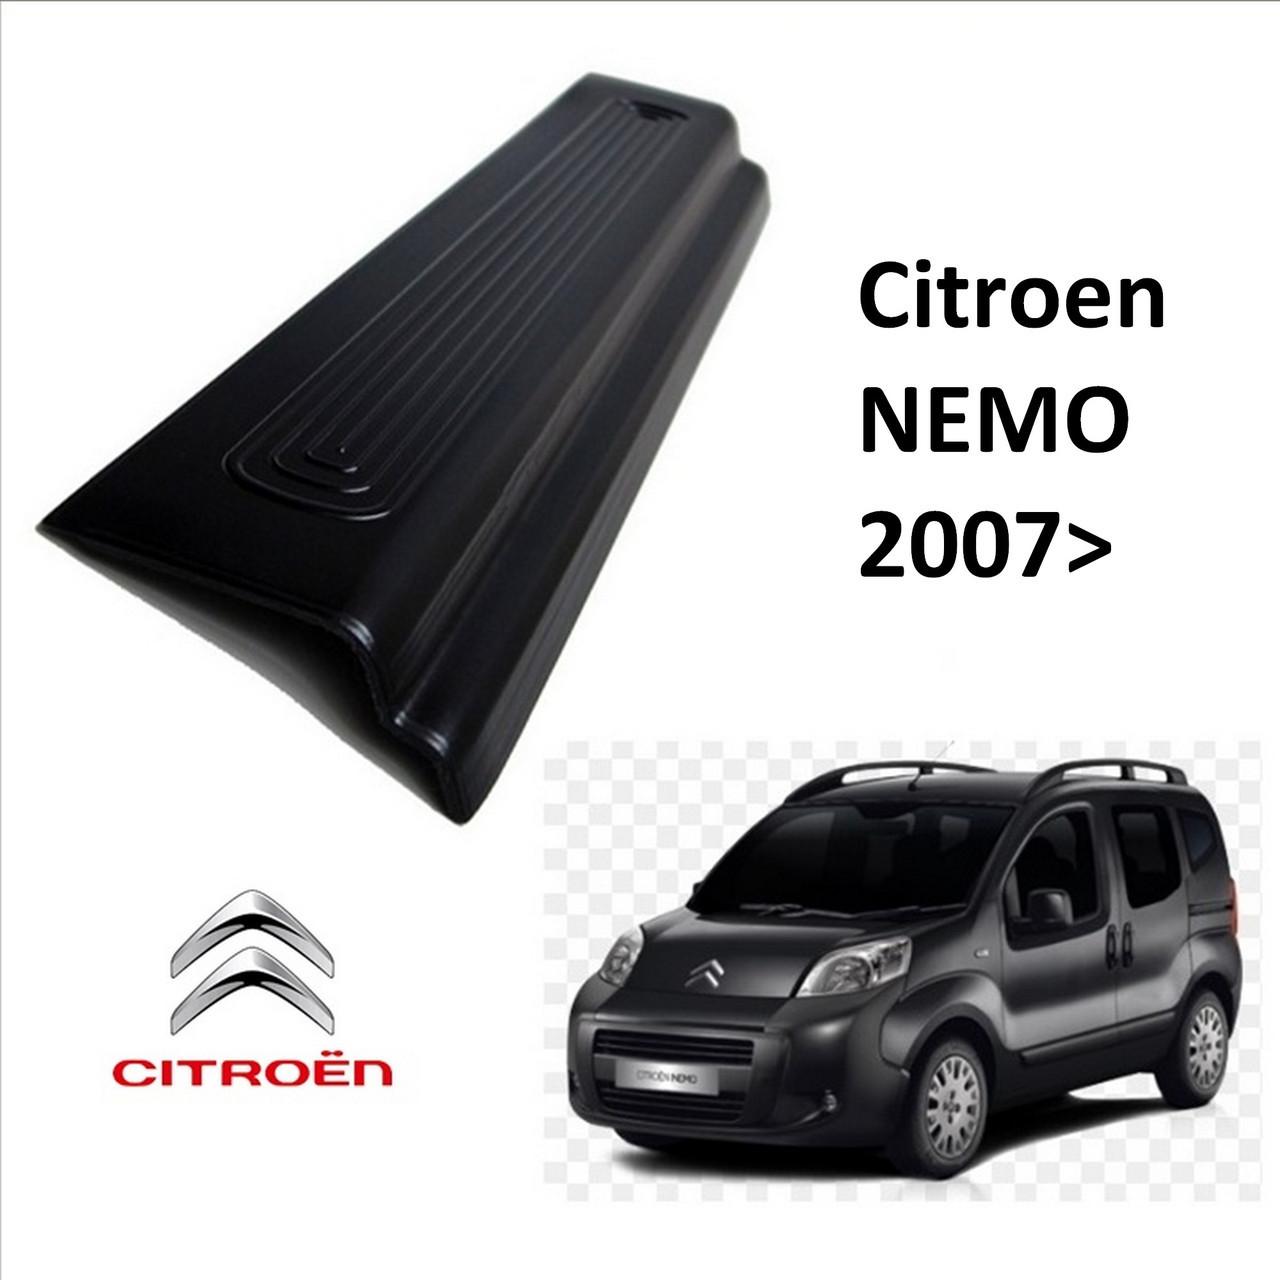 Пластиковые защитные накладки на пороги для Citroen Nemo 2007+